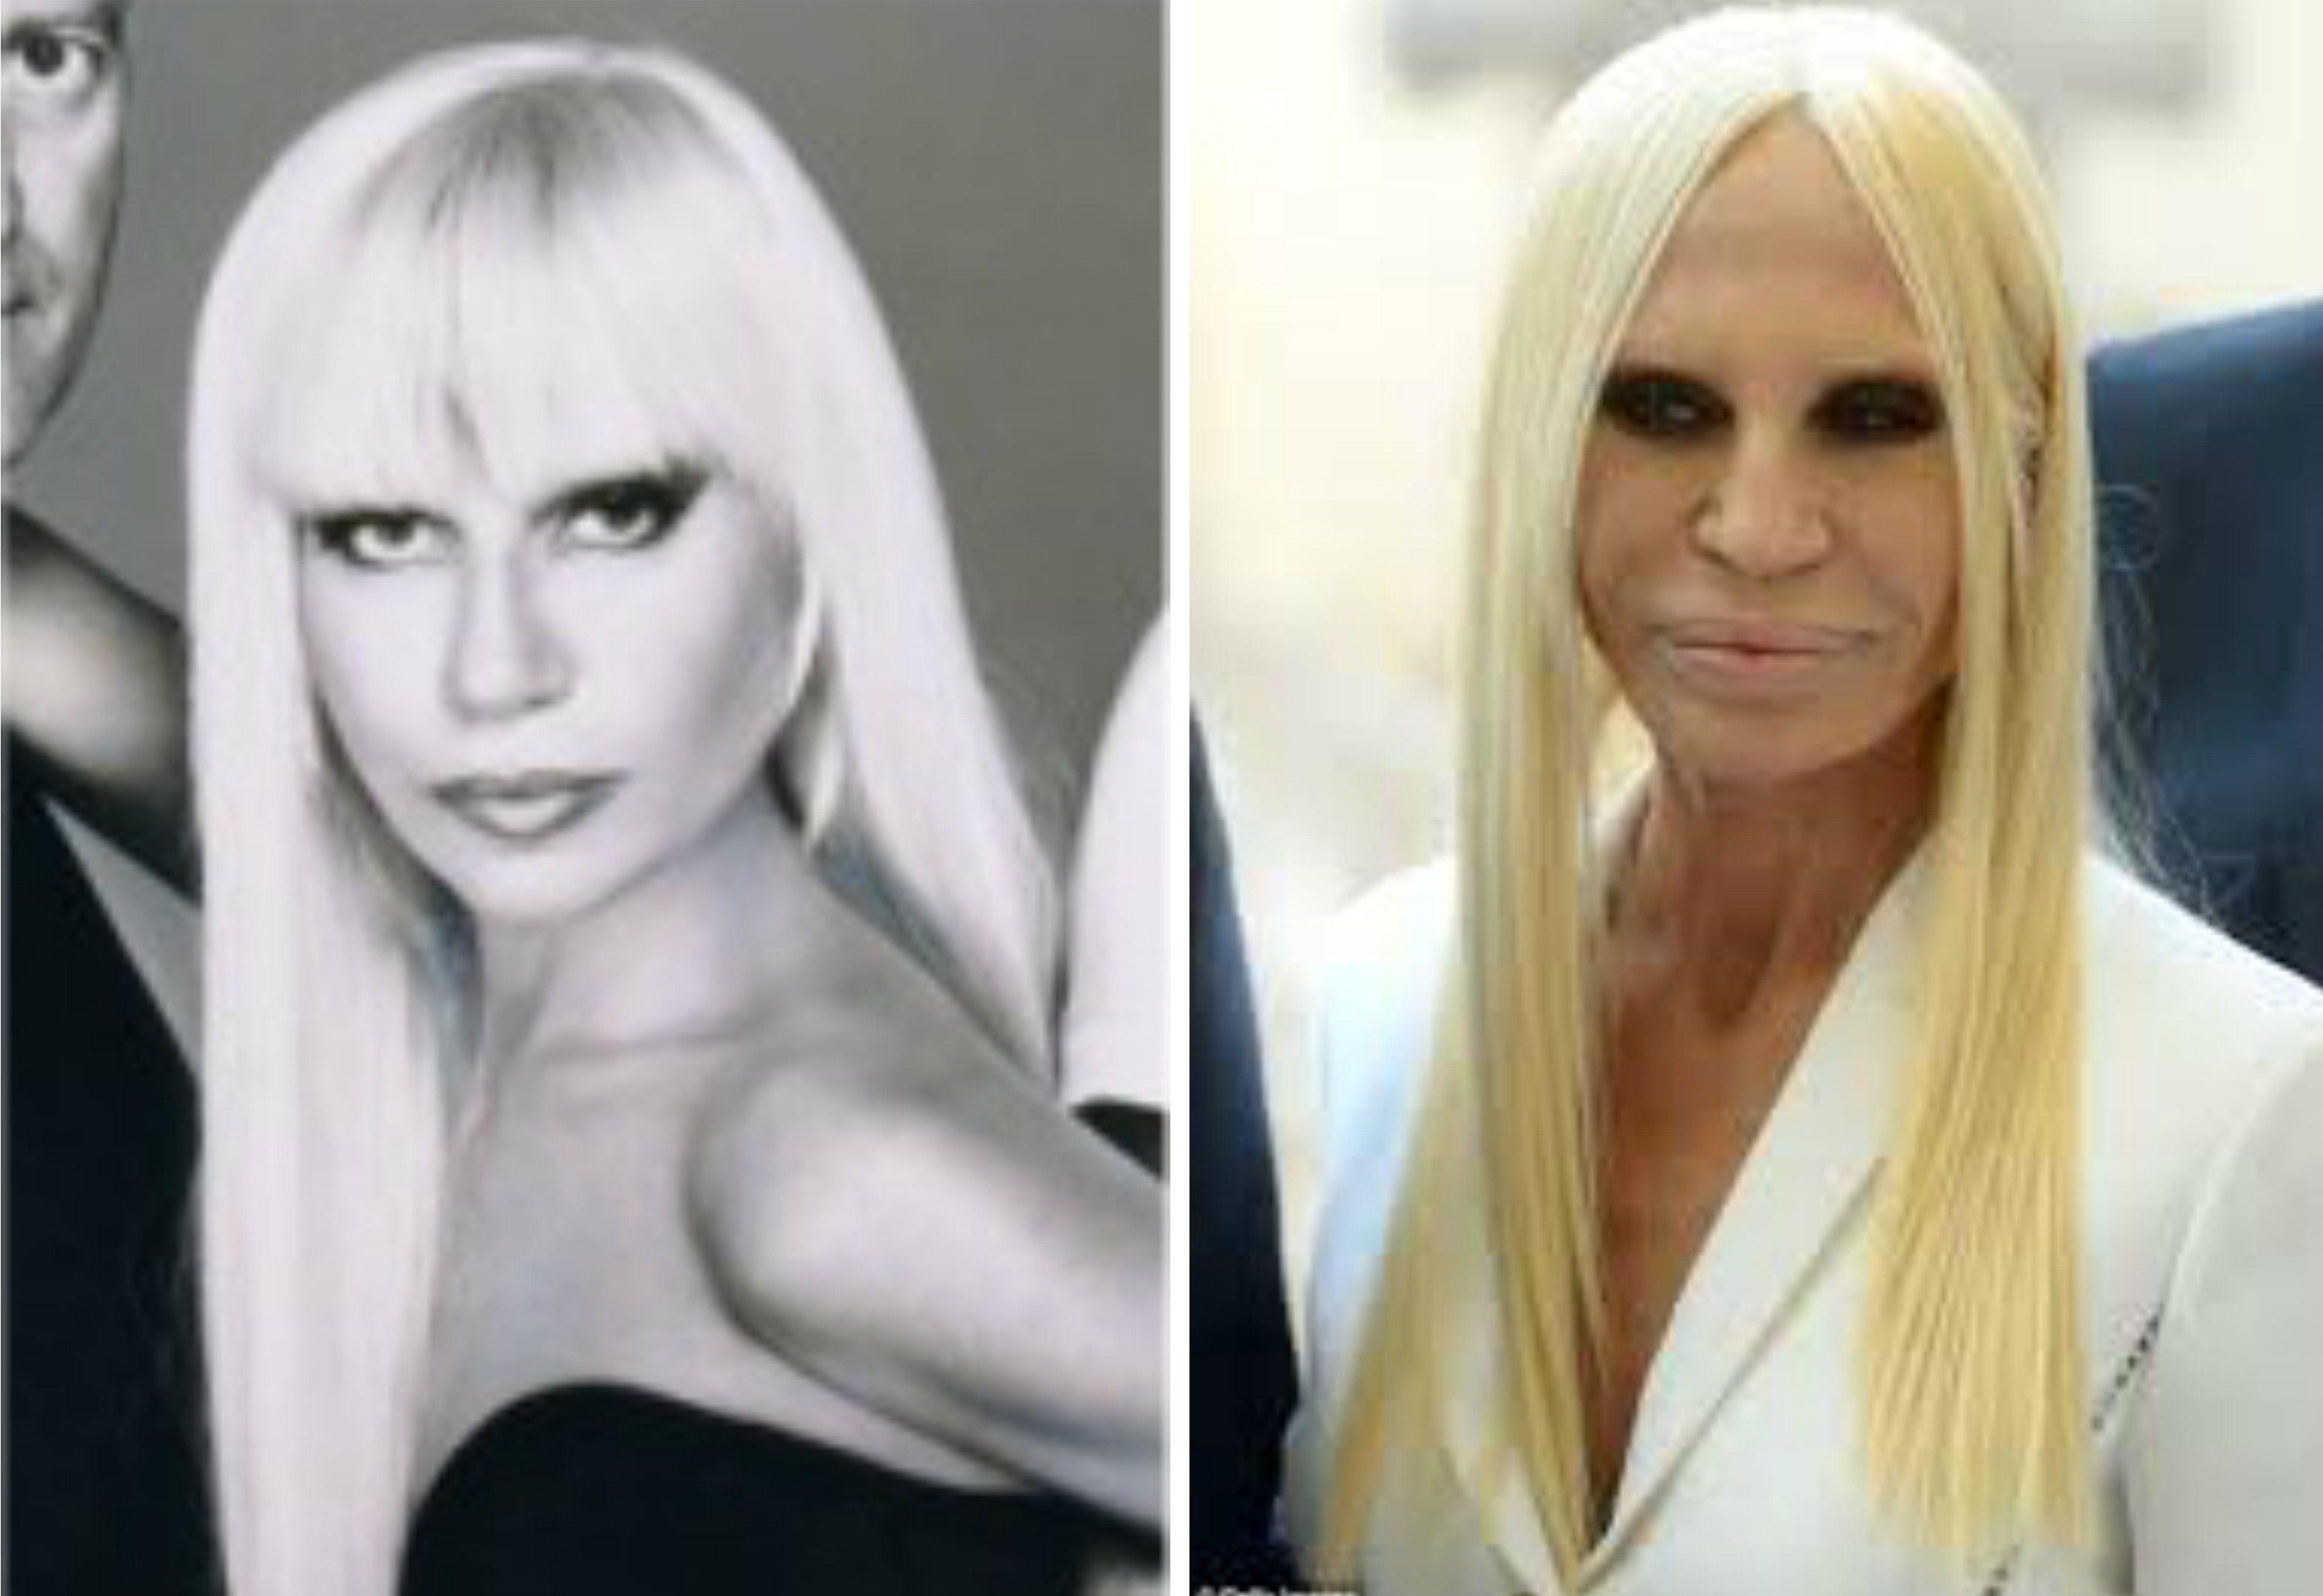 Donatella Versace Donatella Versace Eye Candy People